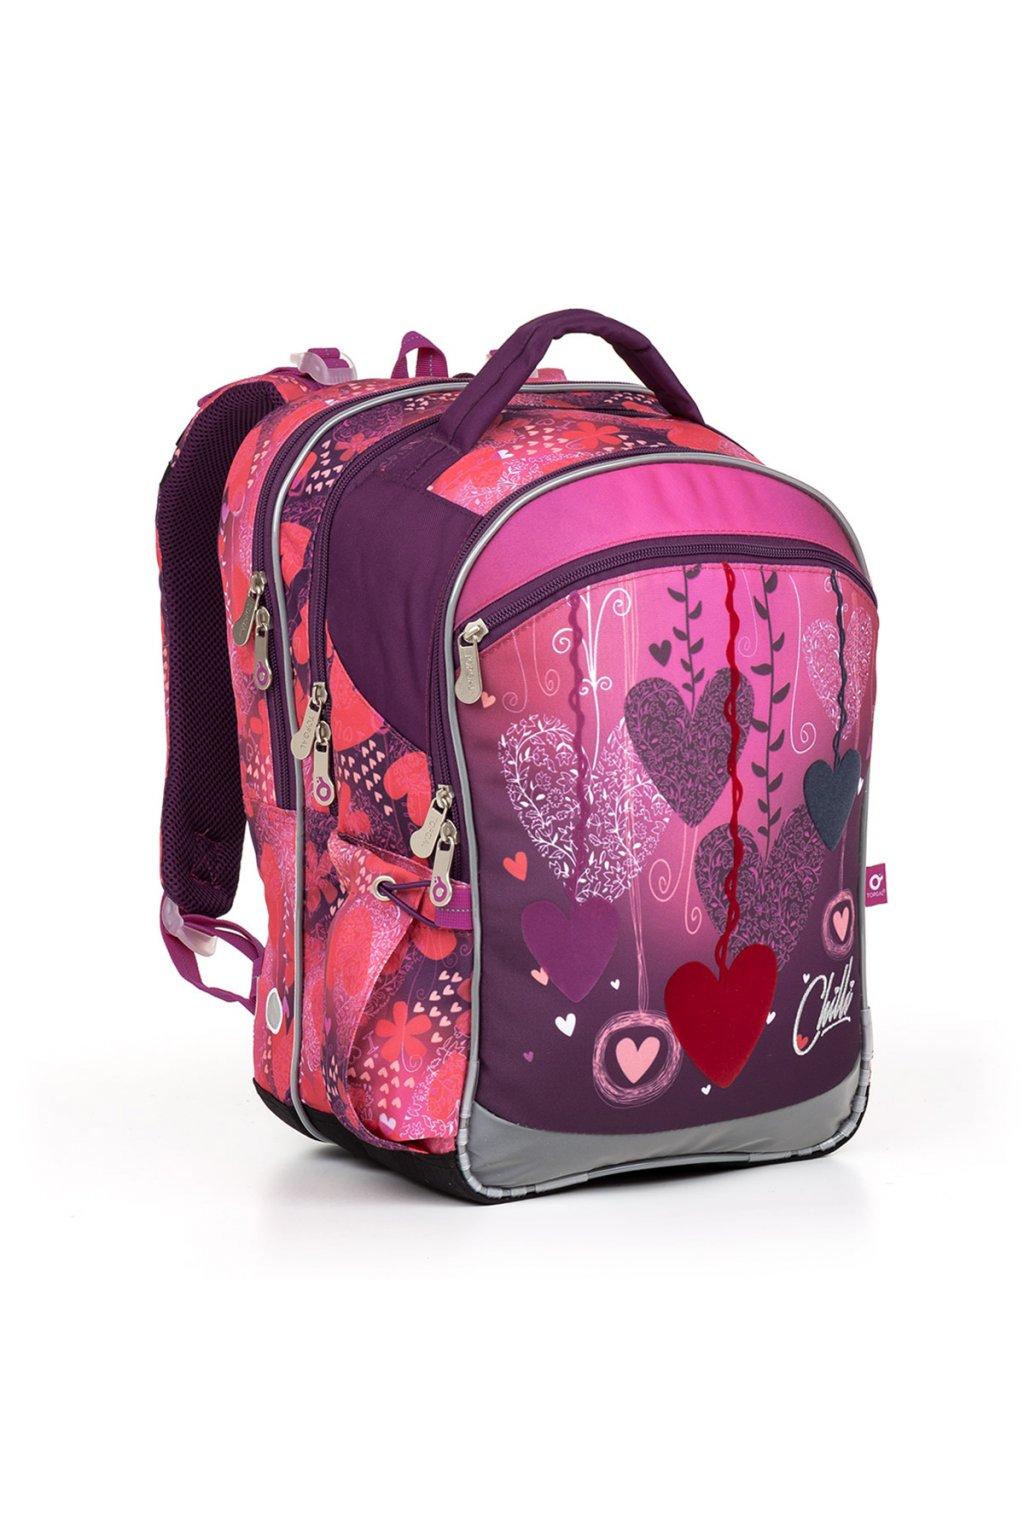 dívčí školní batoh topgal coco17002 g